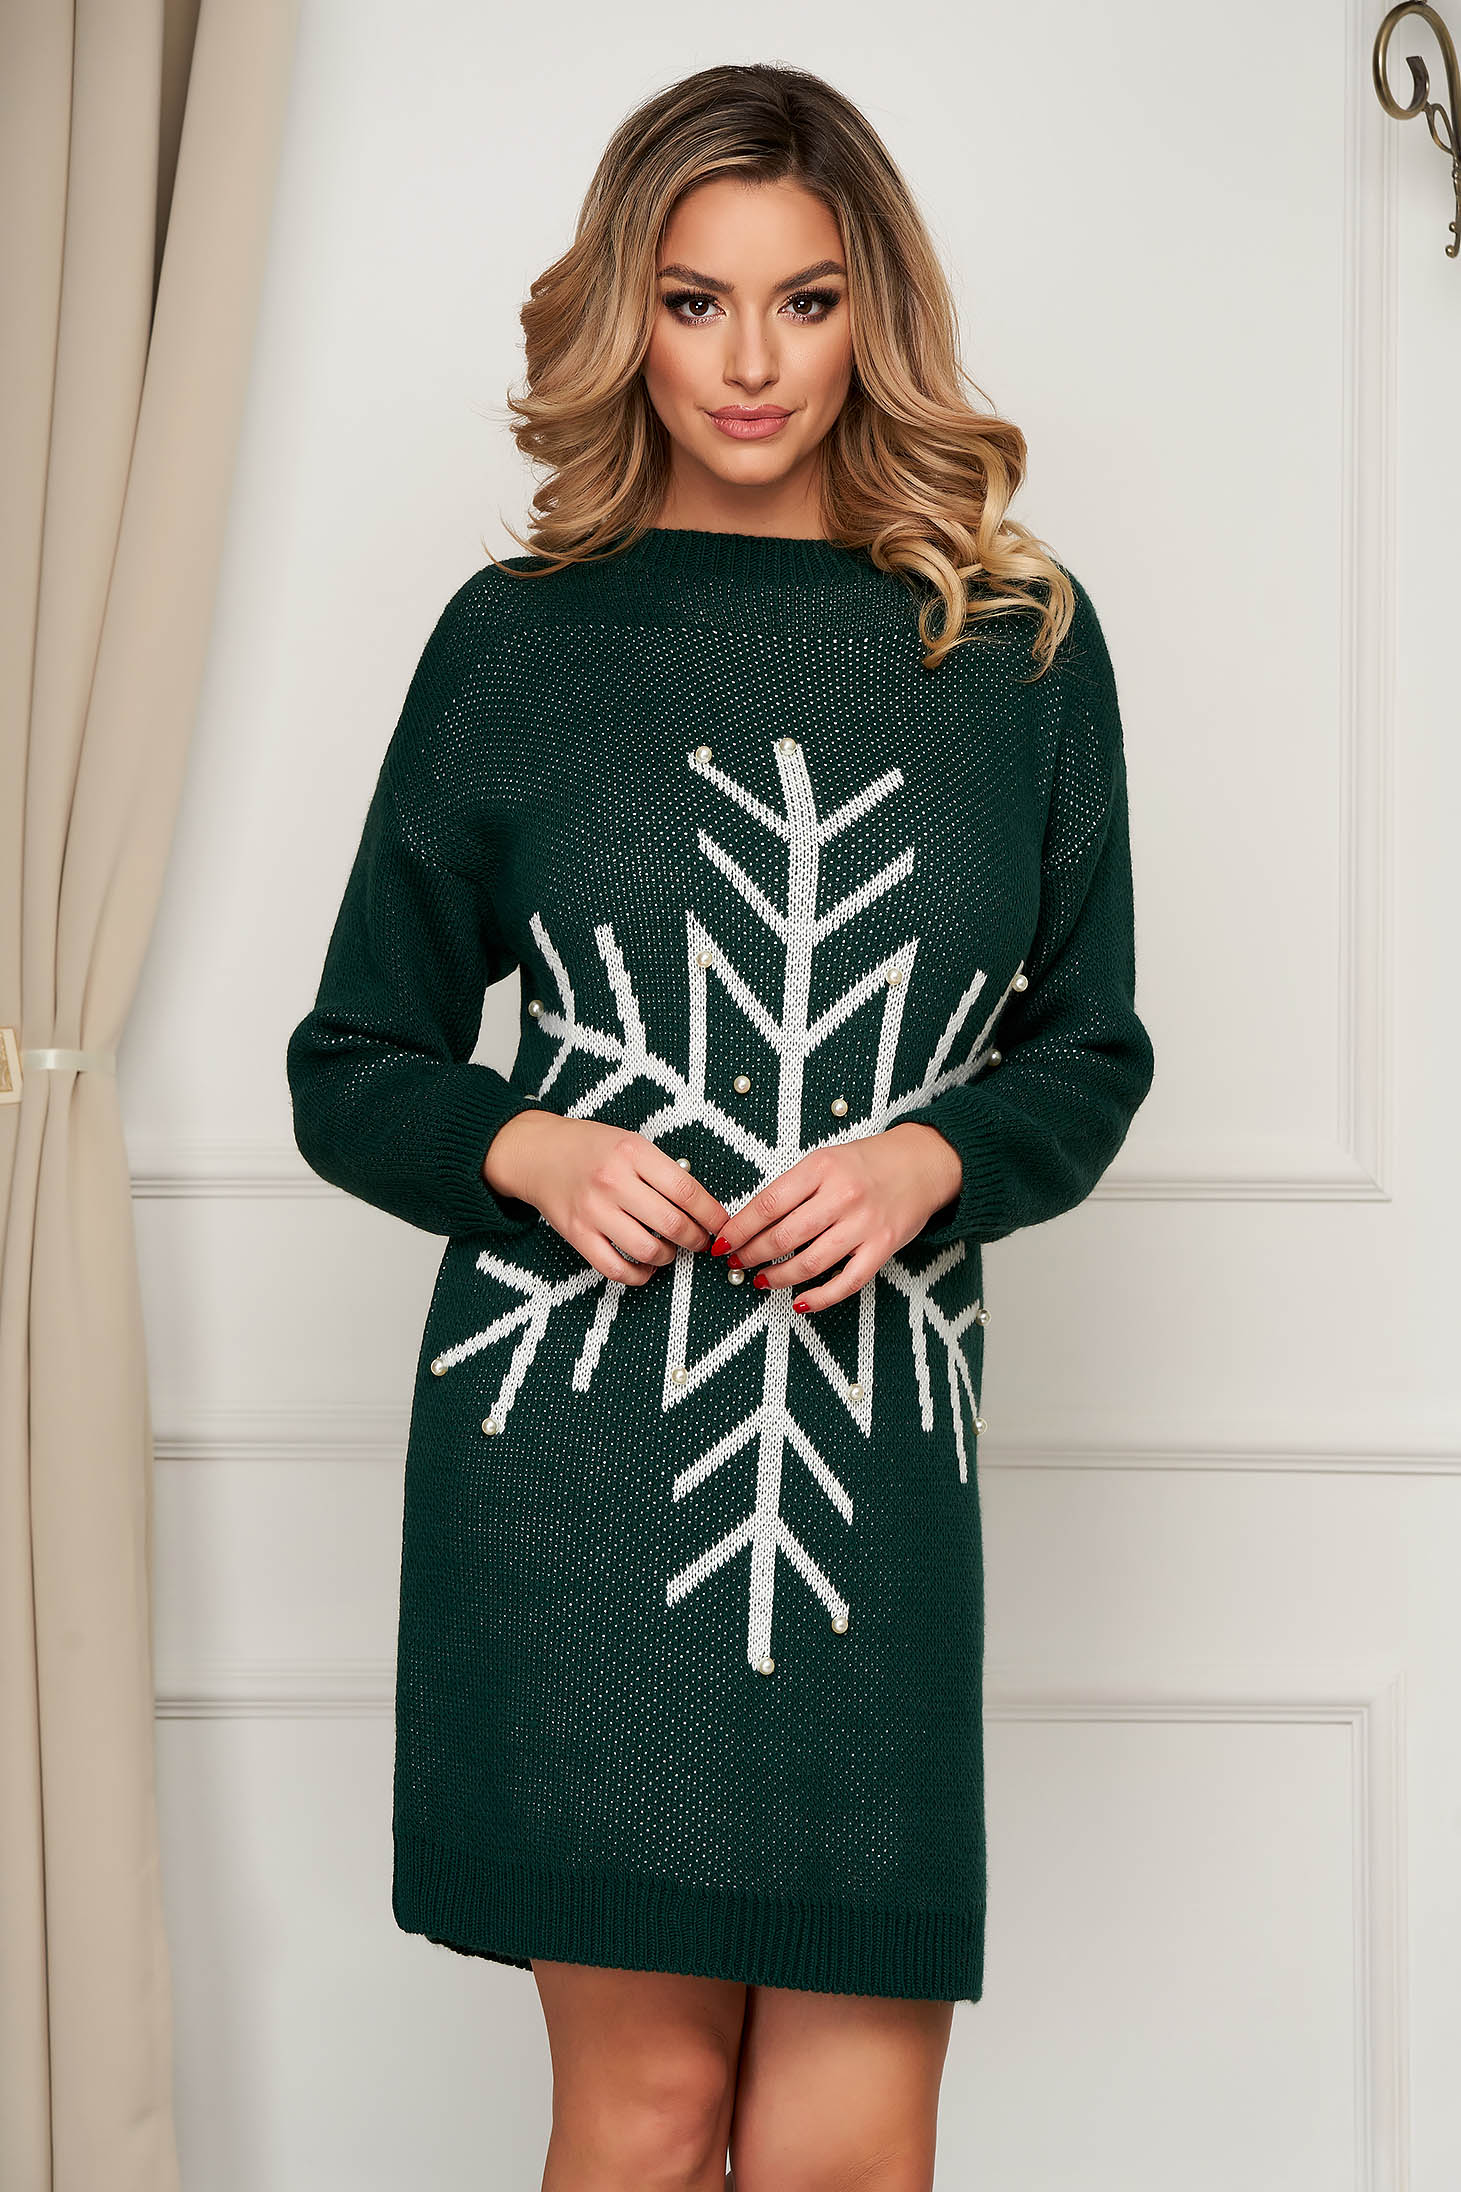 Rochie SunShine verde din tricot elastic subtire cu aplicatii cu perle cu croi larg